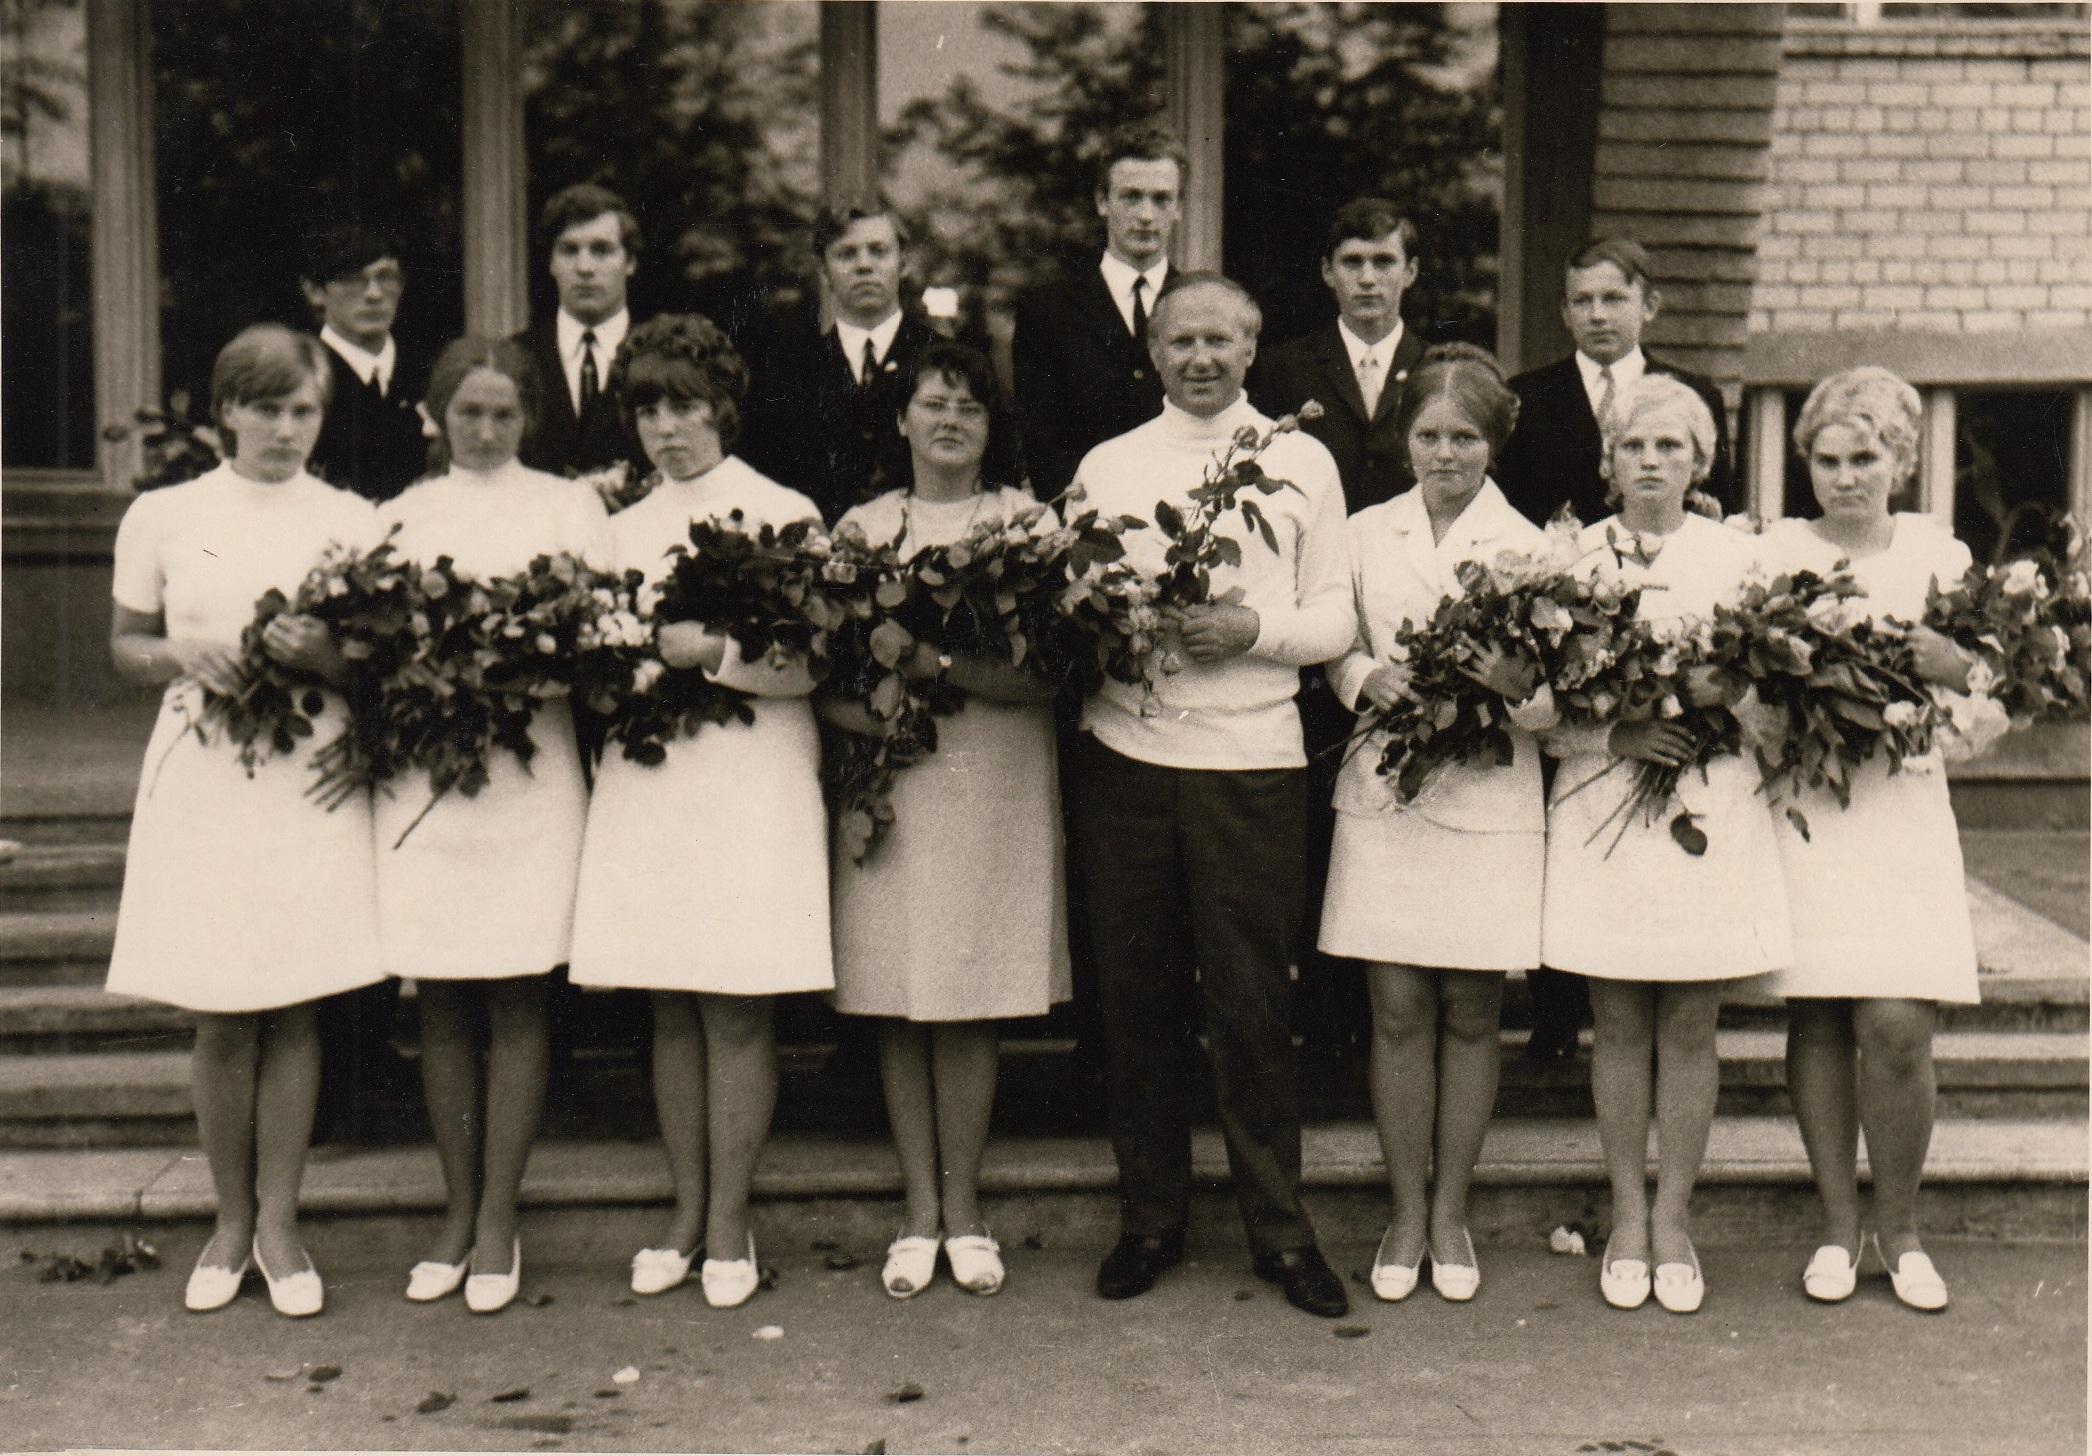 1971.gada 46.izlaidums 11b klase, audzinātāja Marija Buša, kopā ar kinokritiķi Ģirtu Dzenīti